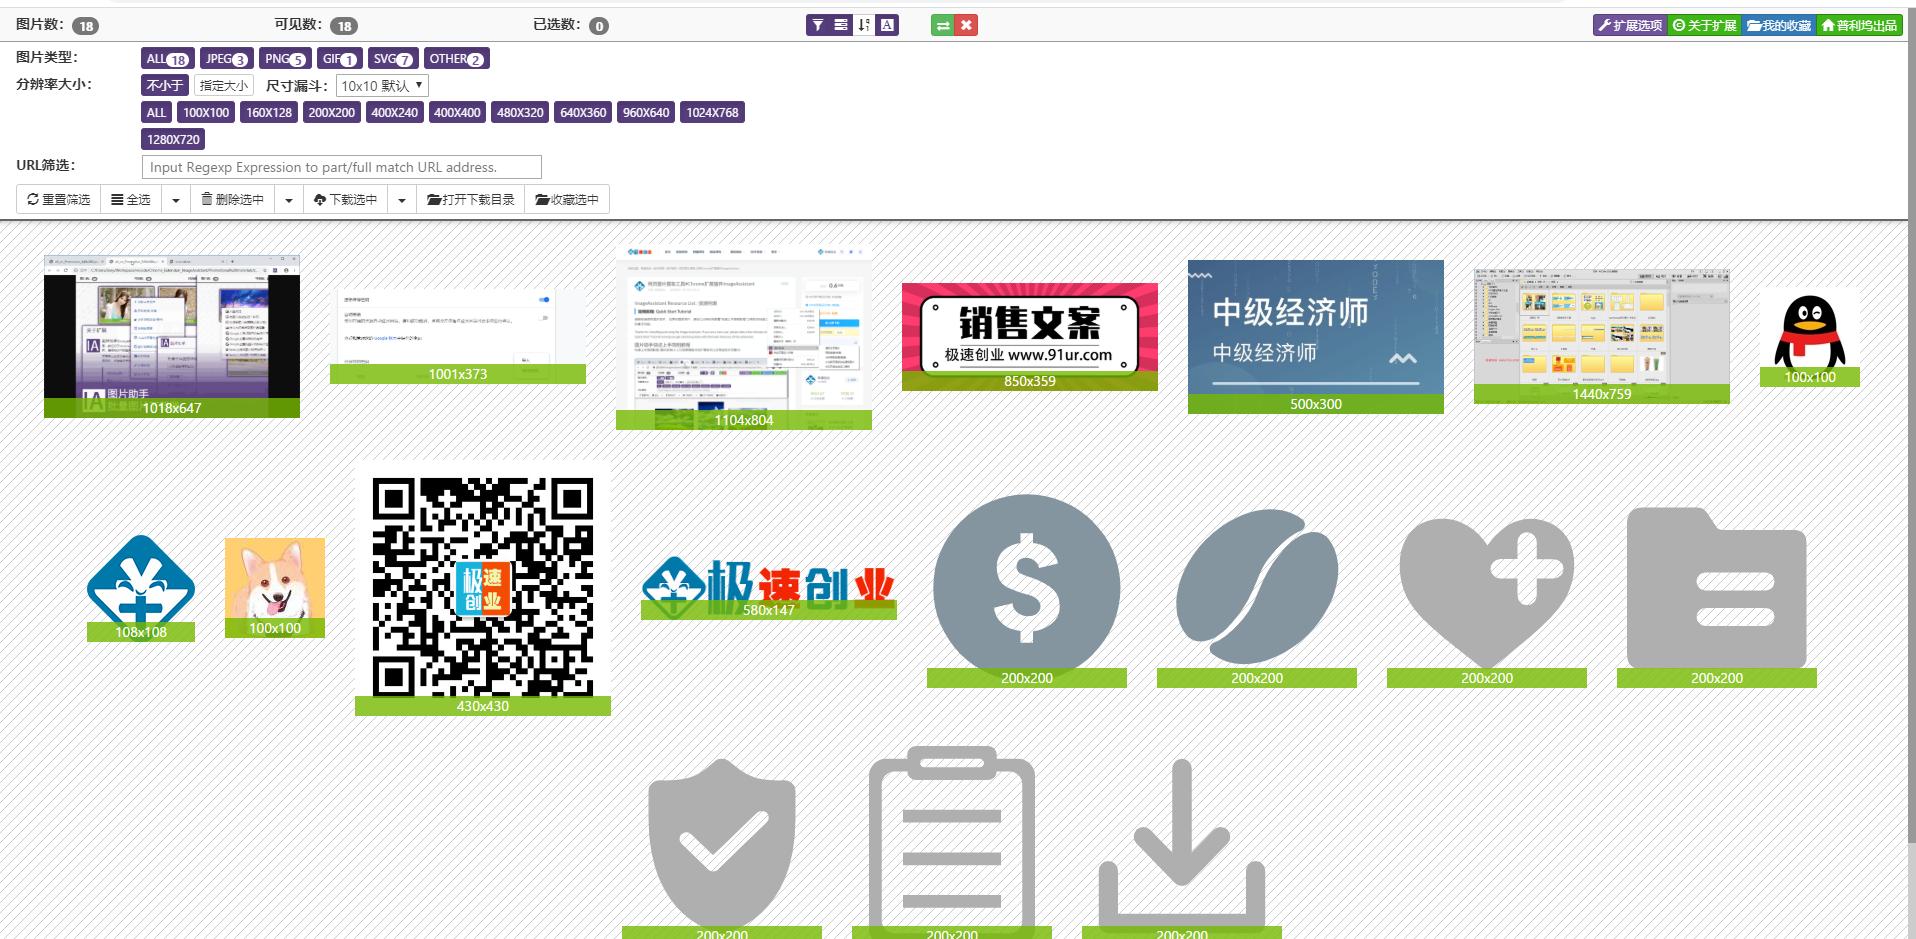 网页图片提取工具#Chrome扩展插件ImageAssistant2